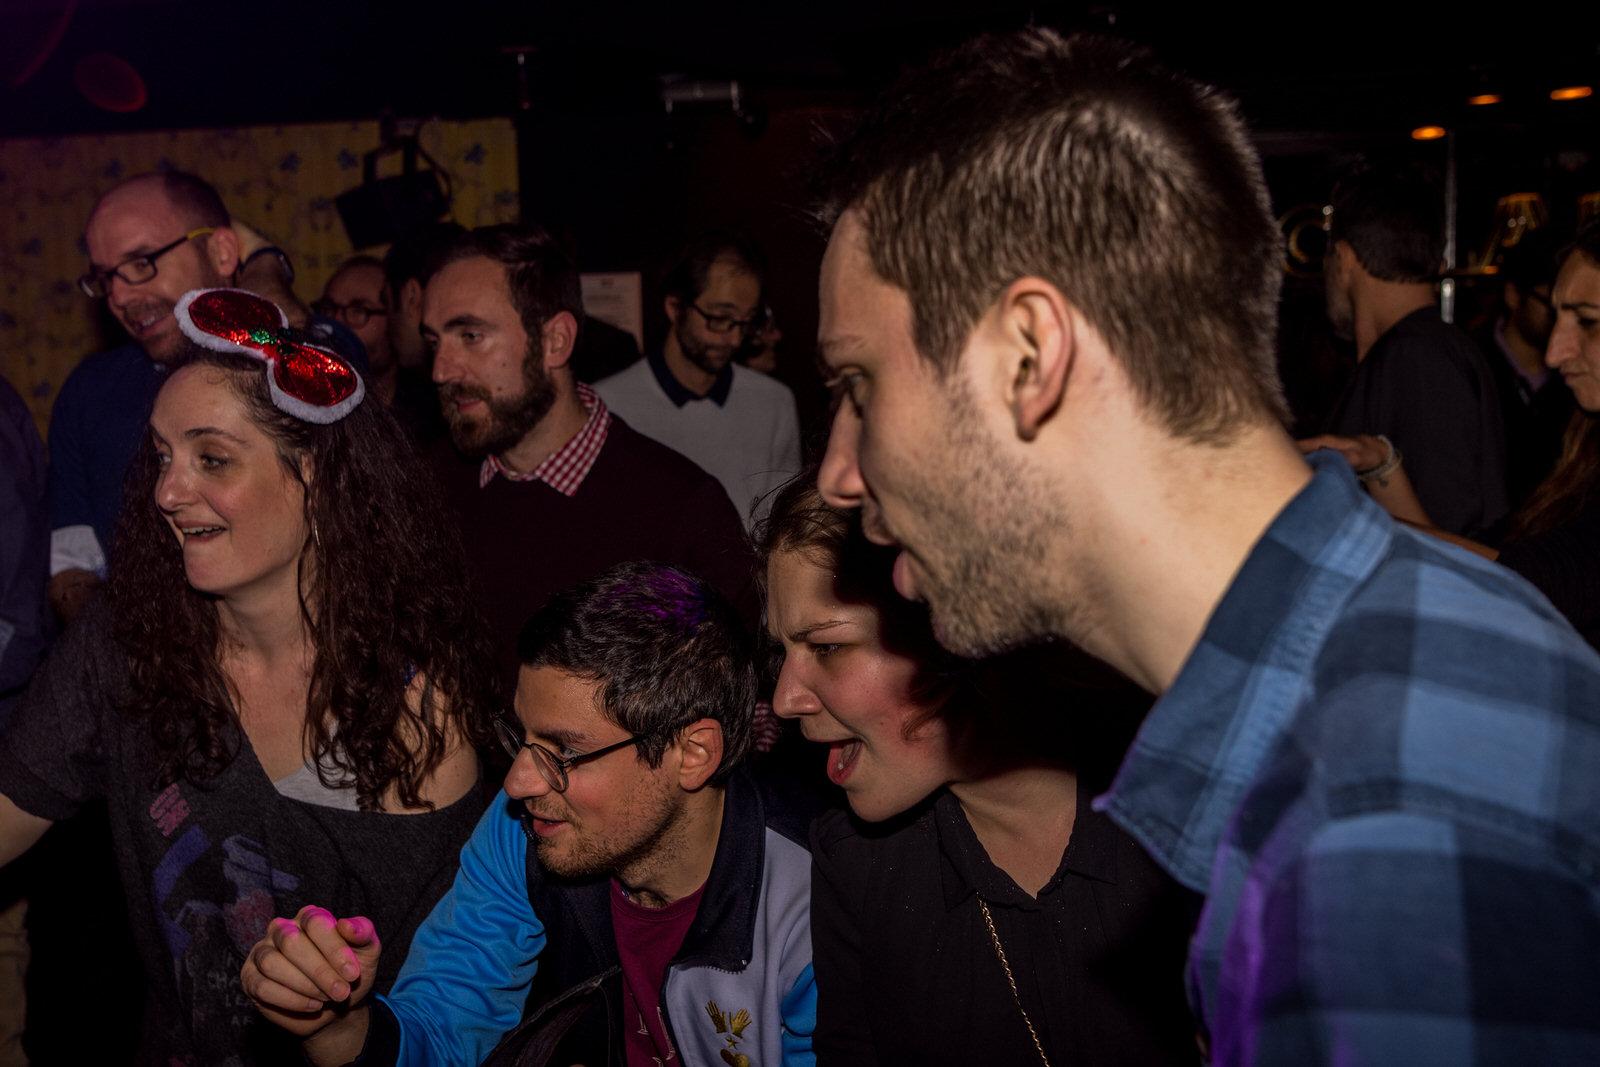 Espace de coworking paris REMIX party winter - 103.jpg